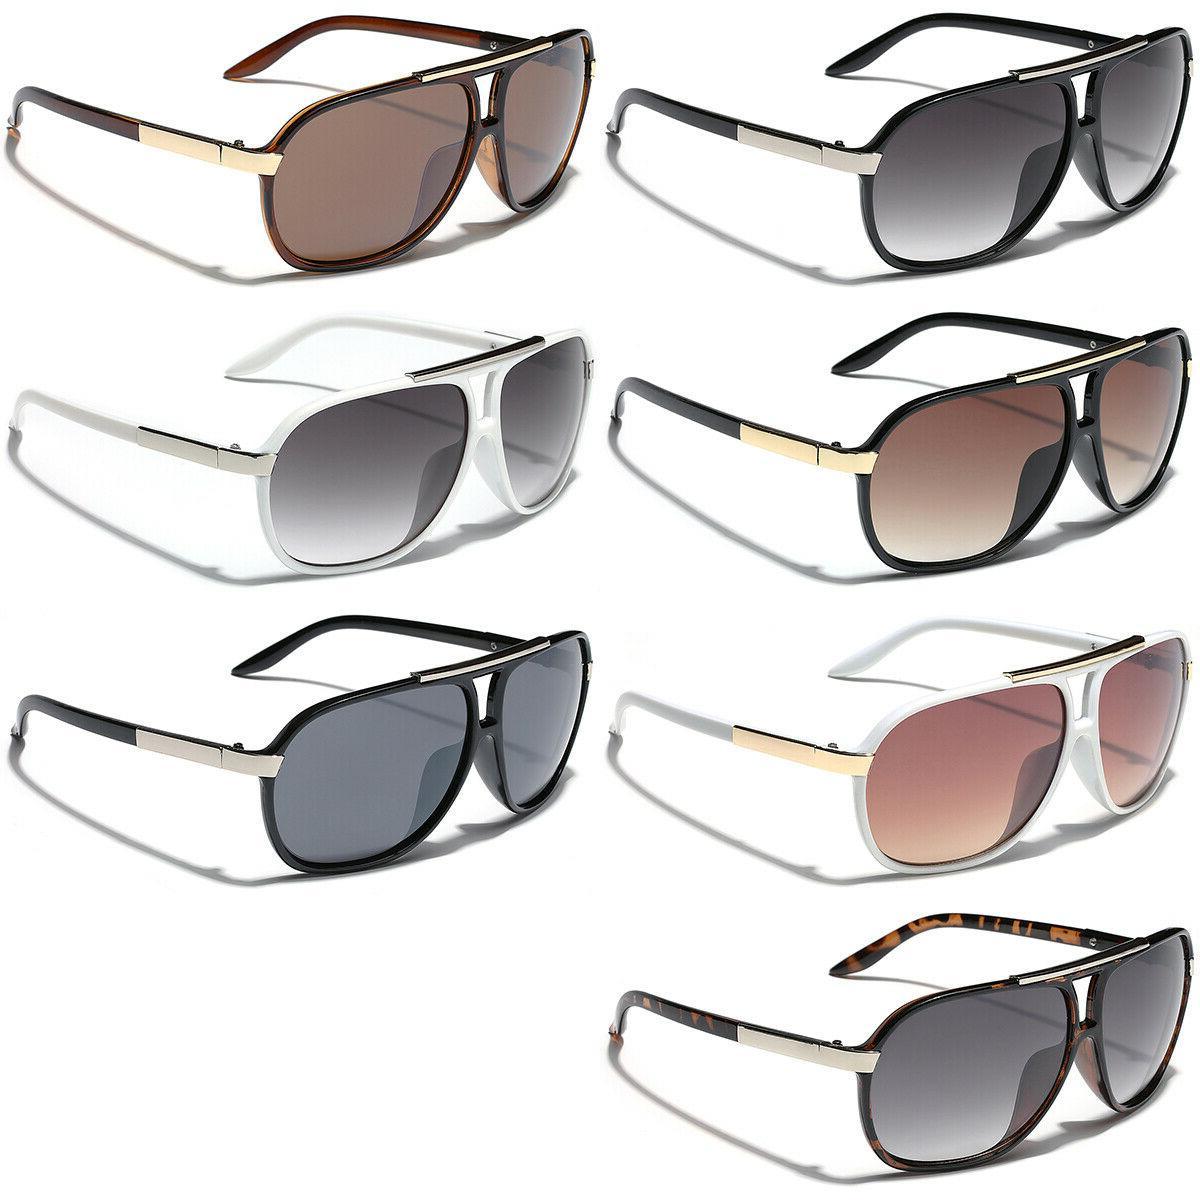 Retro Sunglasses Black Men